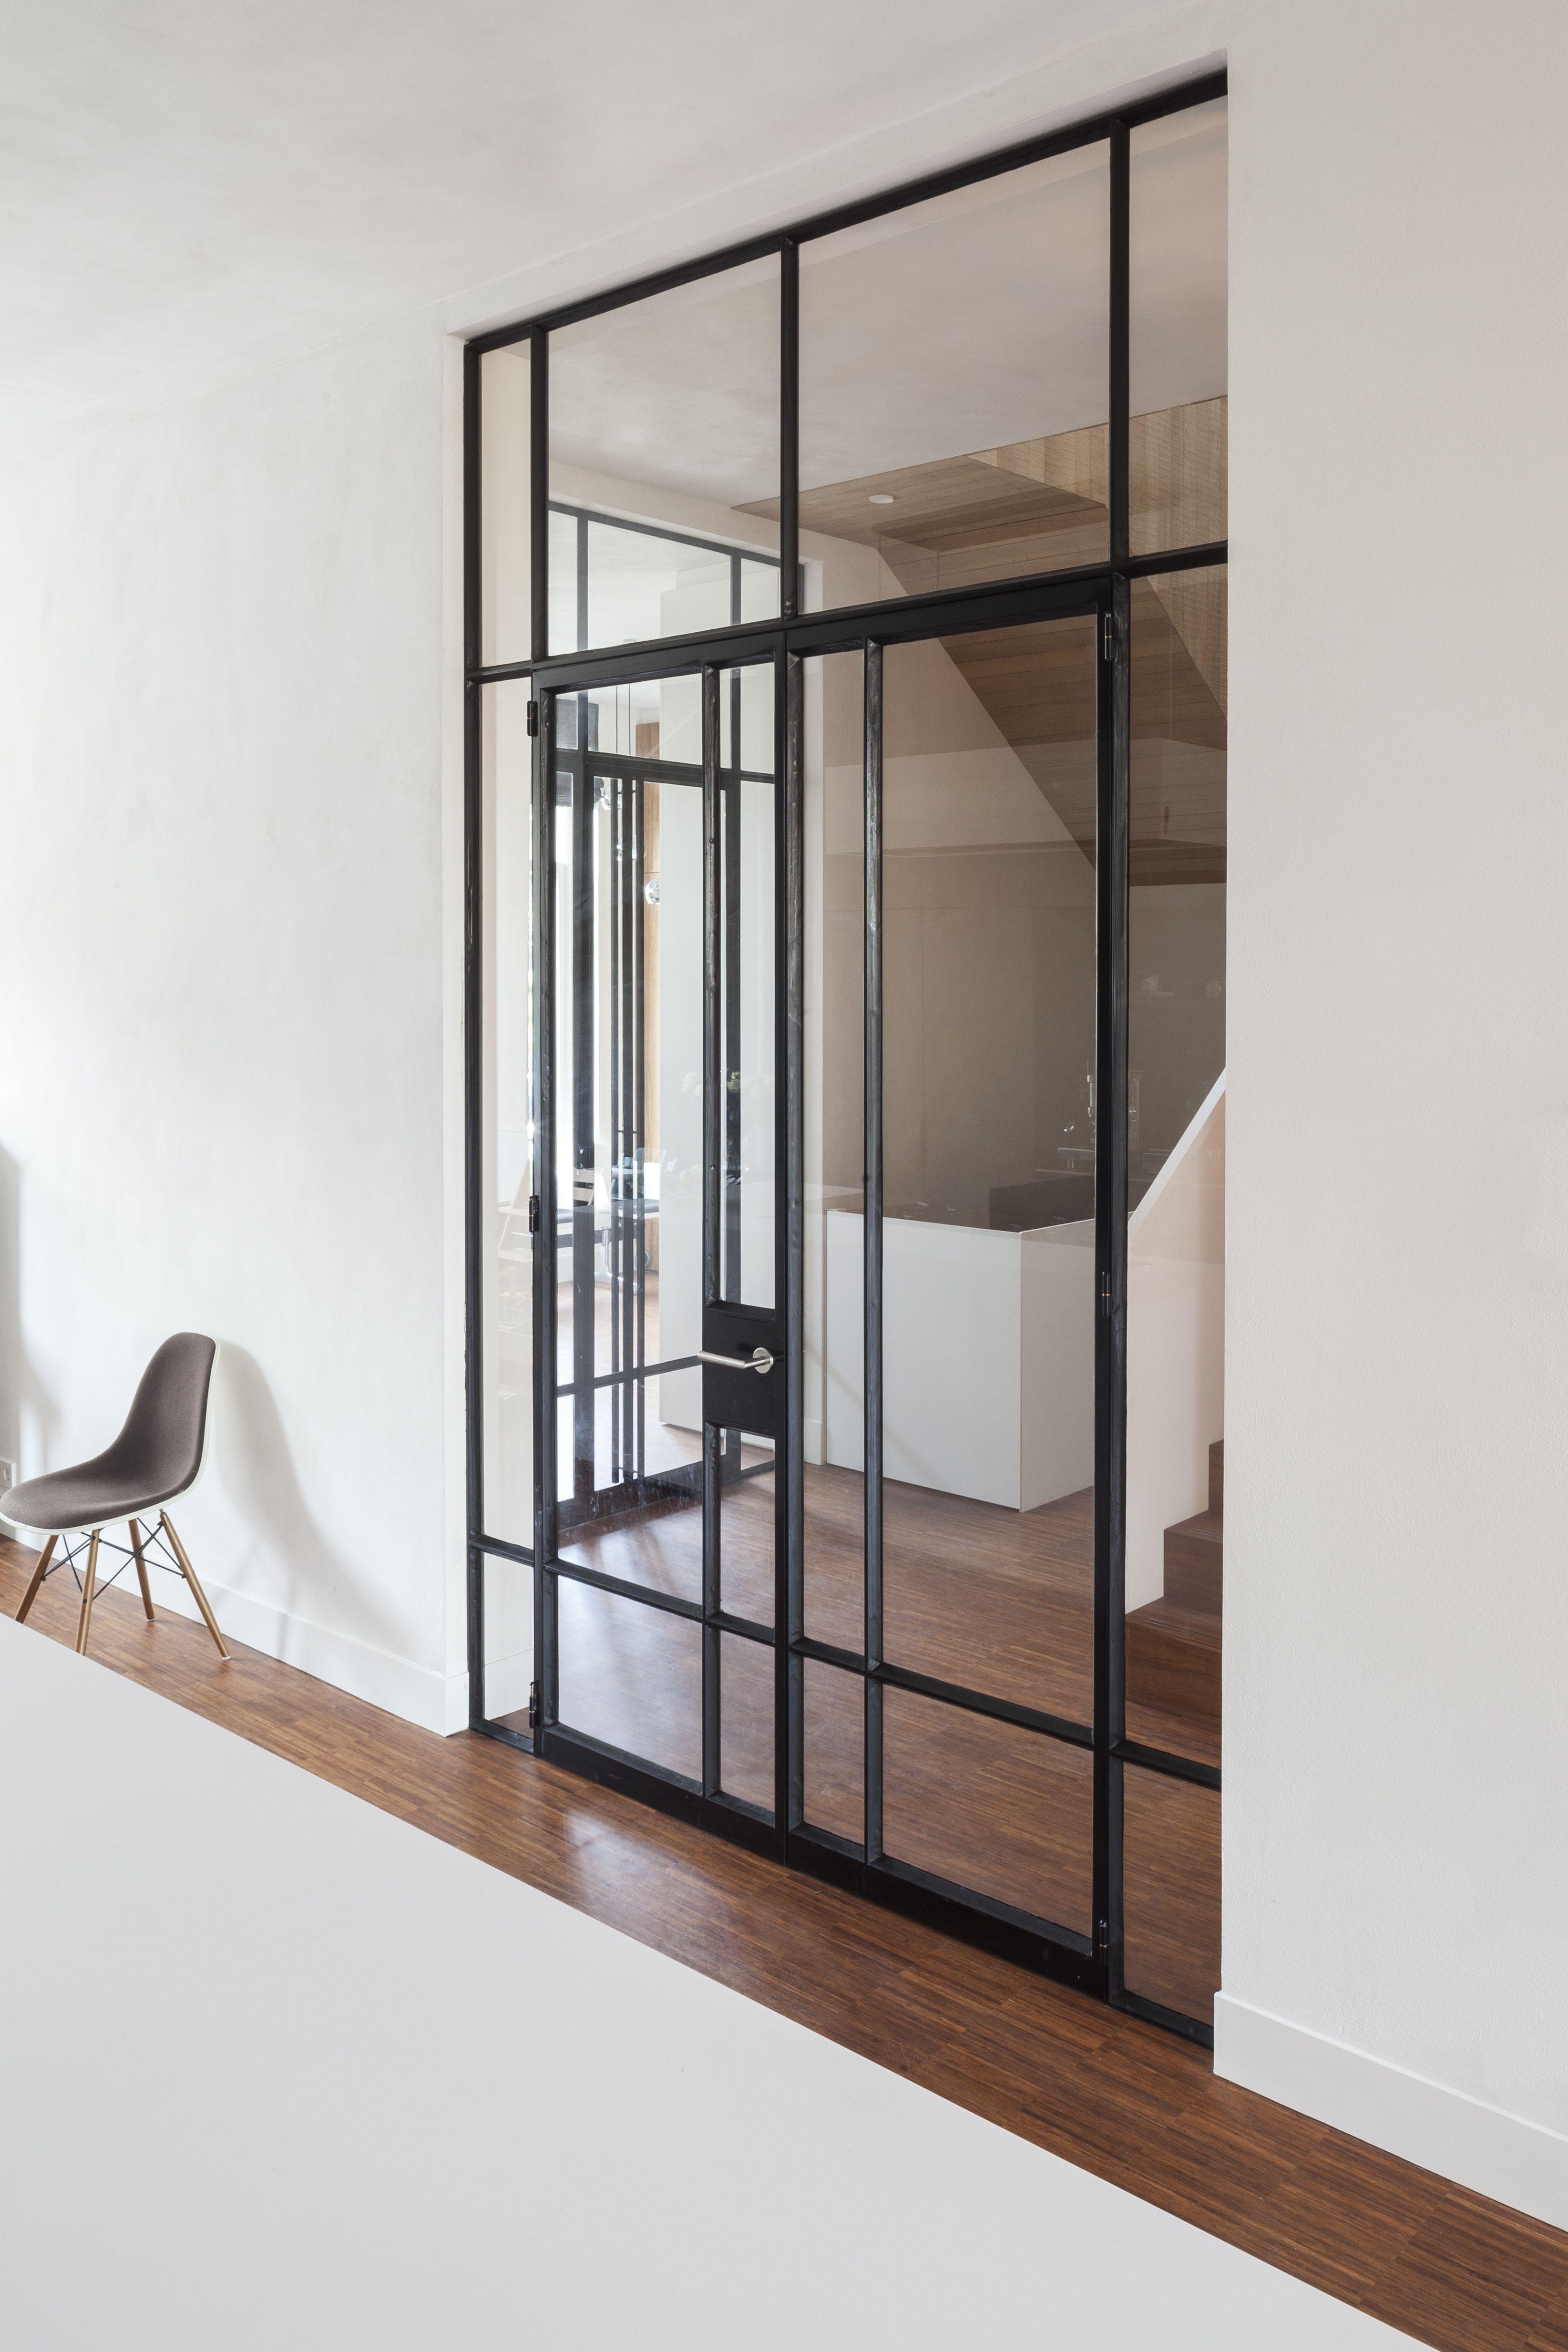 ODS Art15 dubbele deur | Oplossing gangdeur ⚜️ℹ️ | Pinterest ...